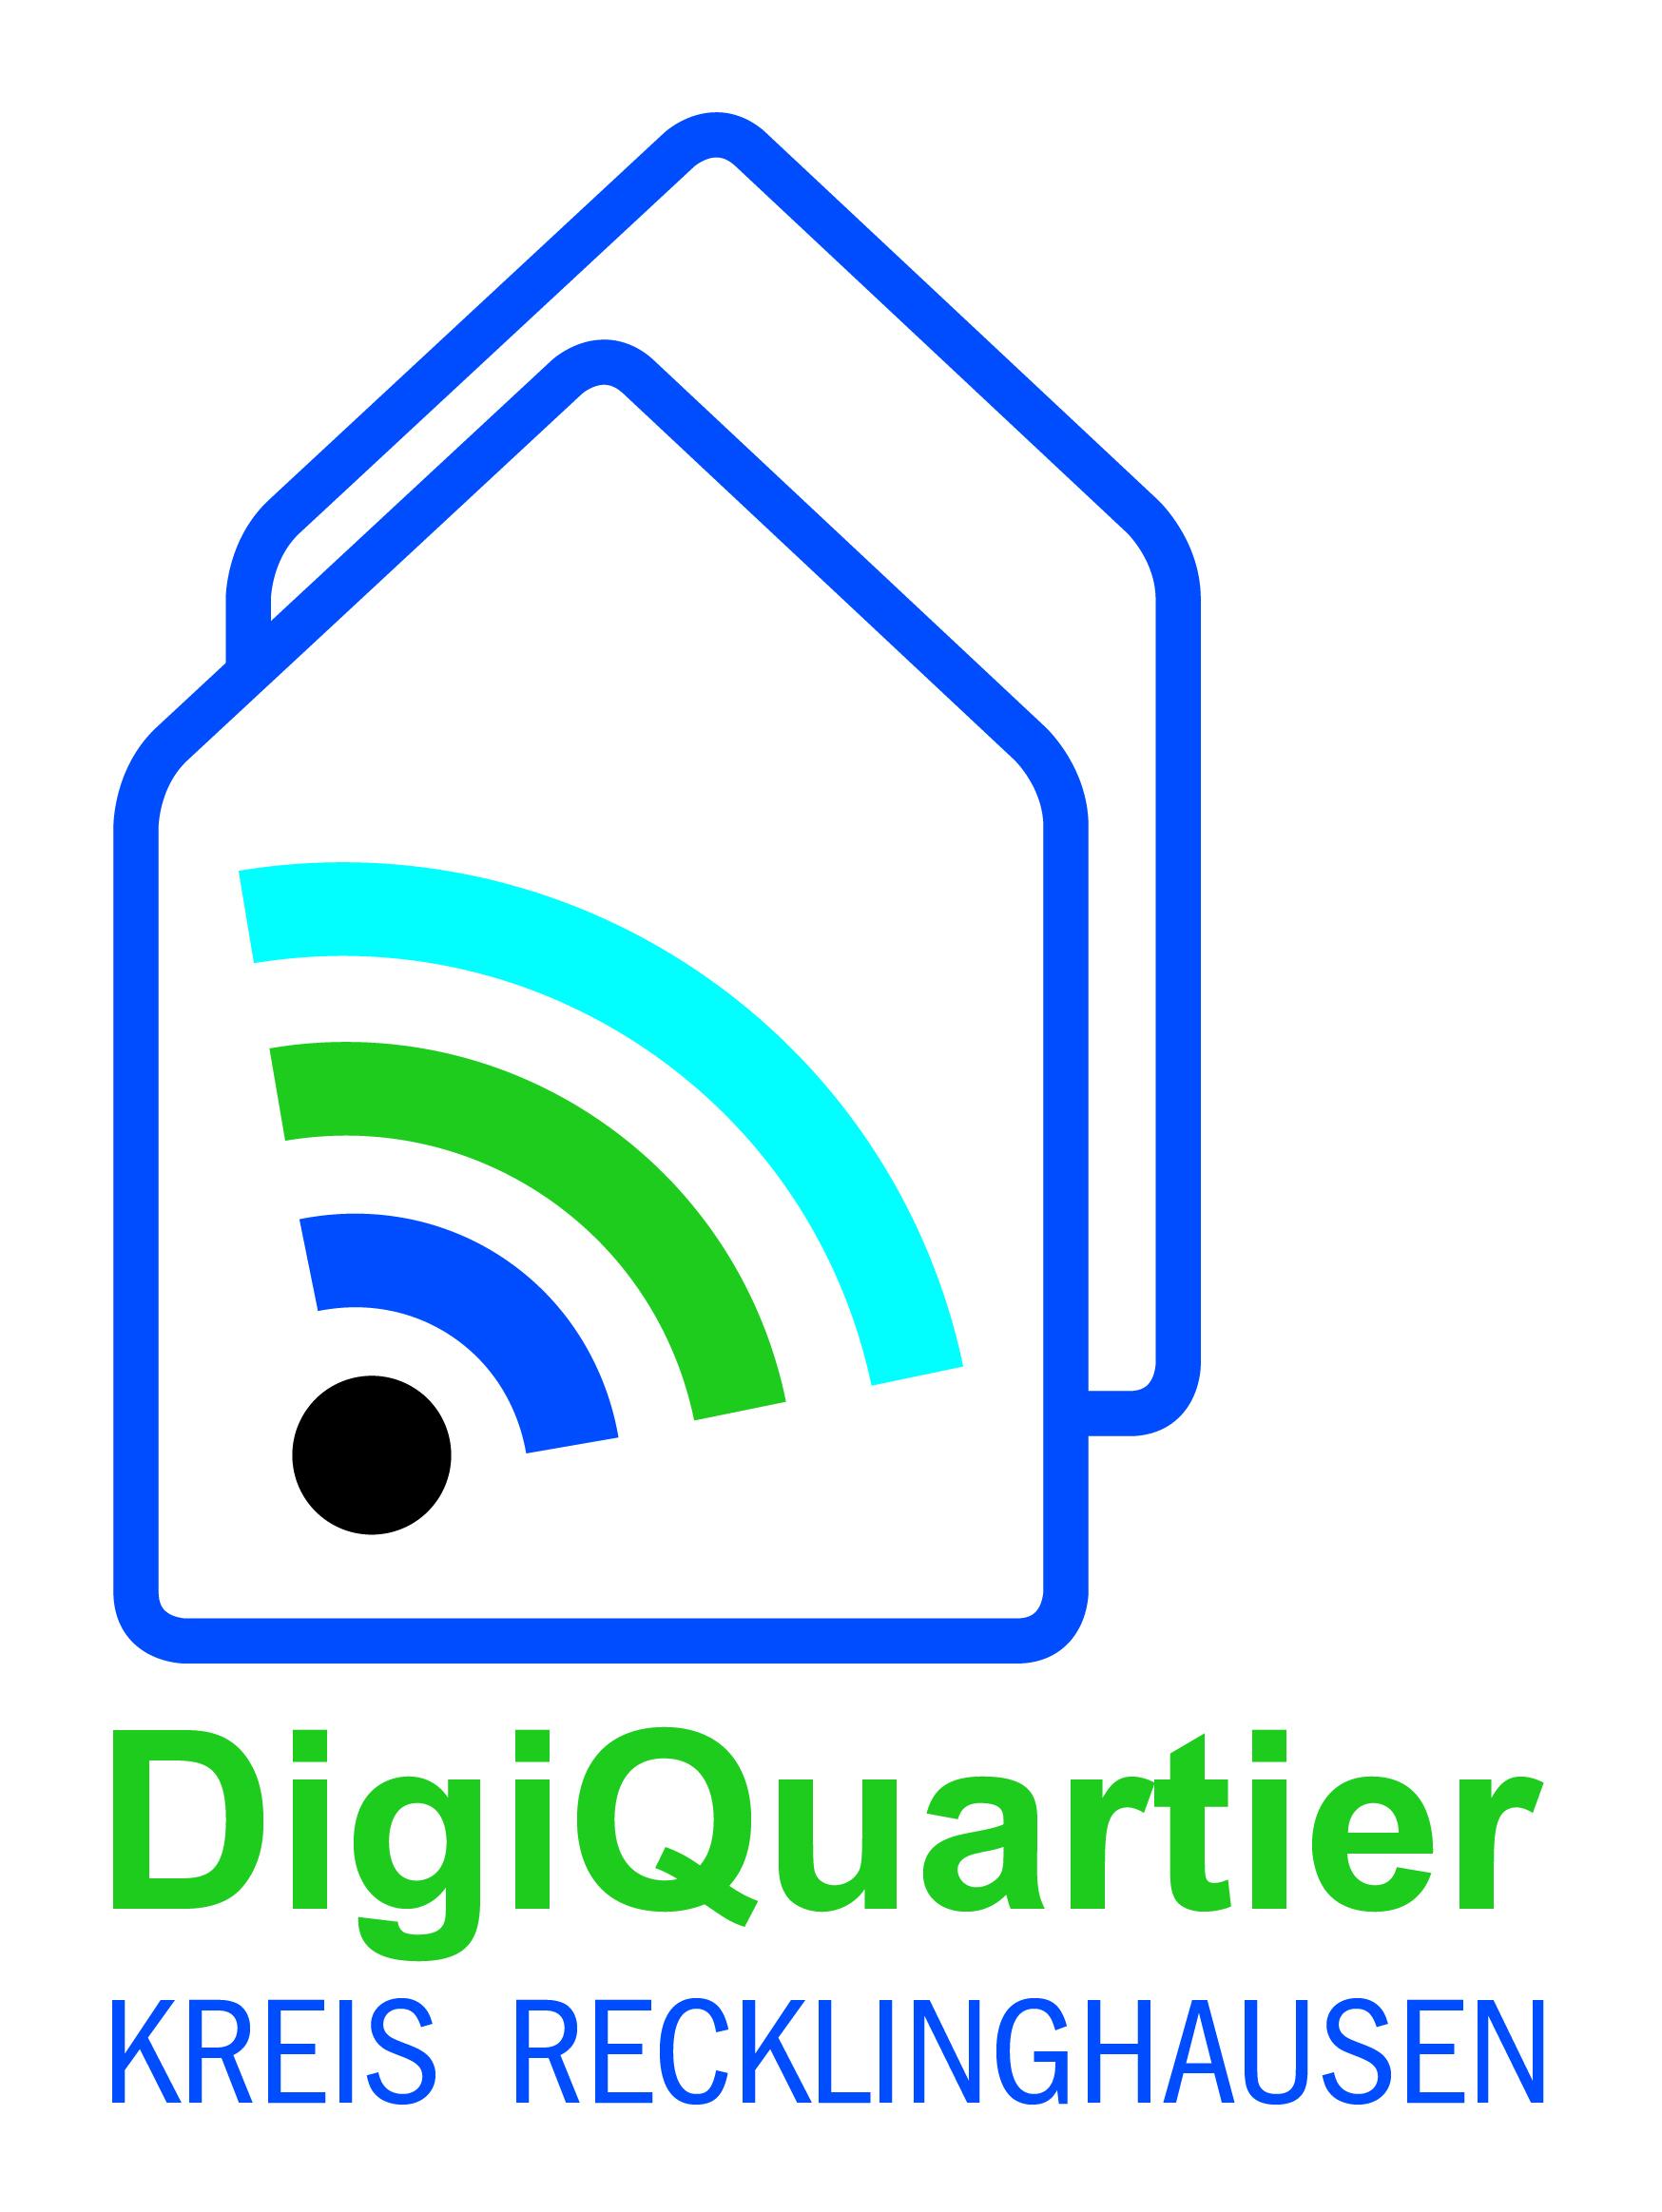 DigiQuartier_Logo mit Kreis RE_2 (002)